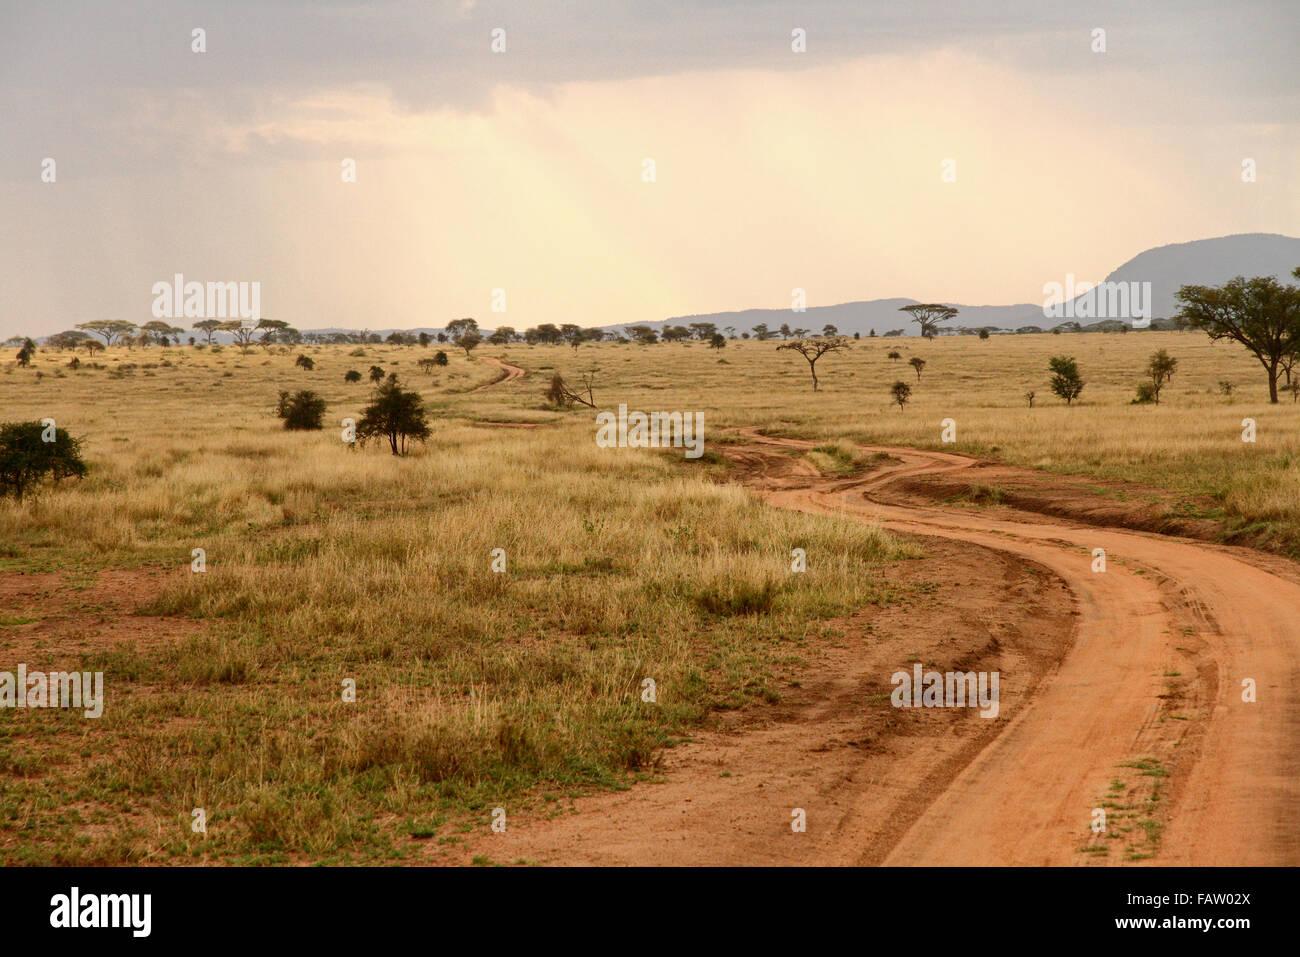 Una strada sterrata che si snoda attraverso la savana africana Immagini Stock